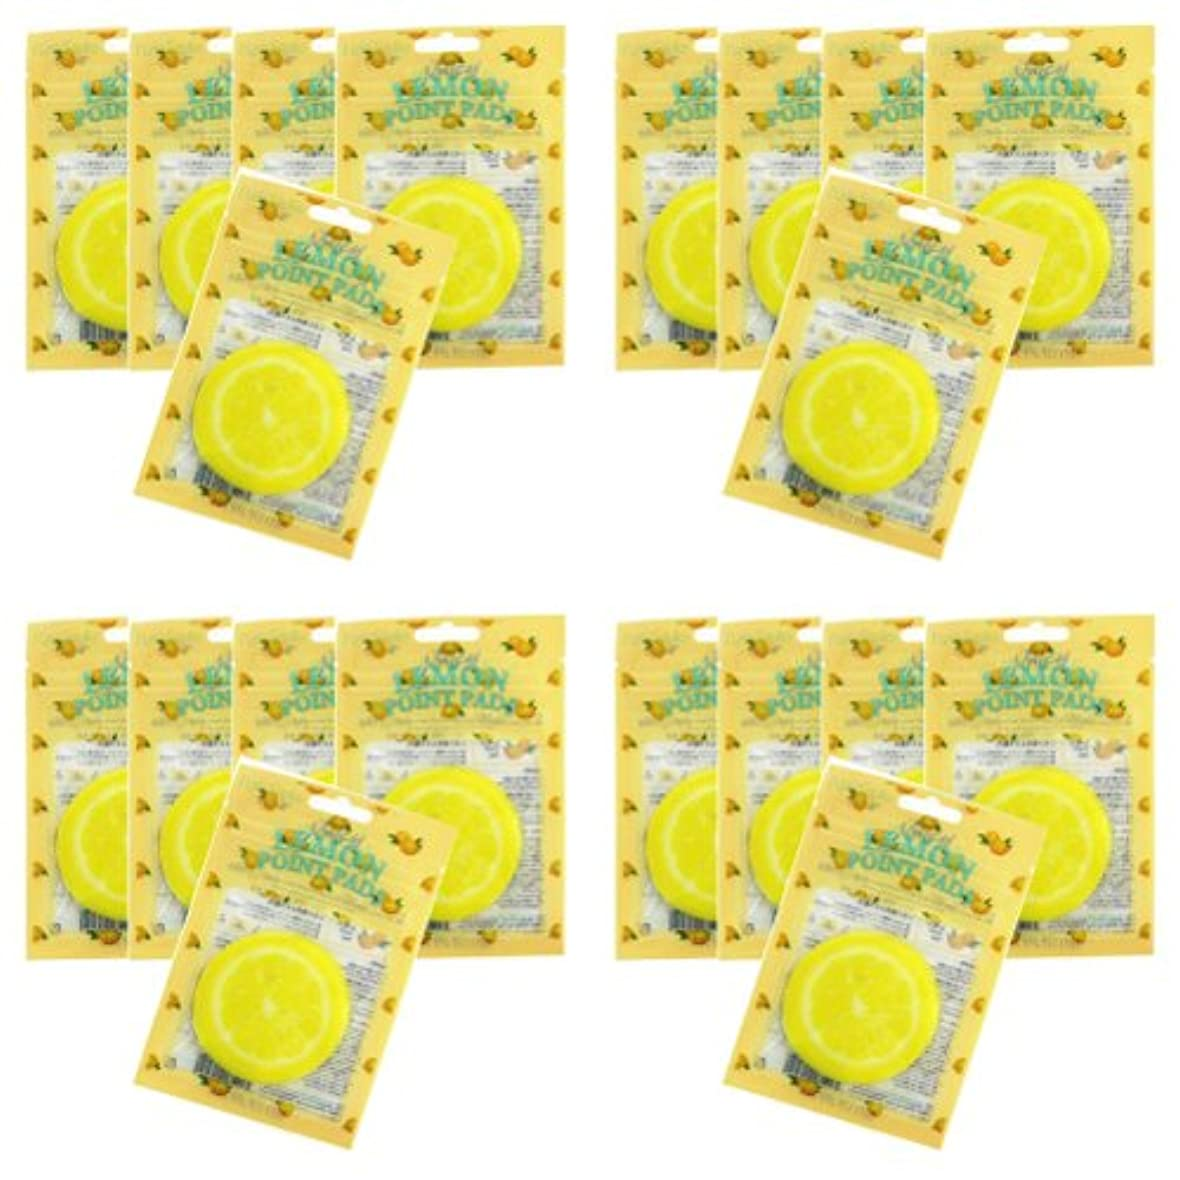 瀬戸際責めるシーサイドピュアスマイル ジューシーポイントパッド レモン20パックセット(1パック10枚入 合計200枚)